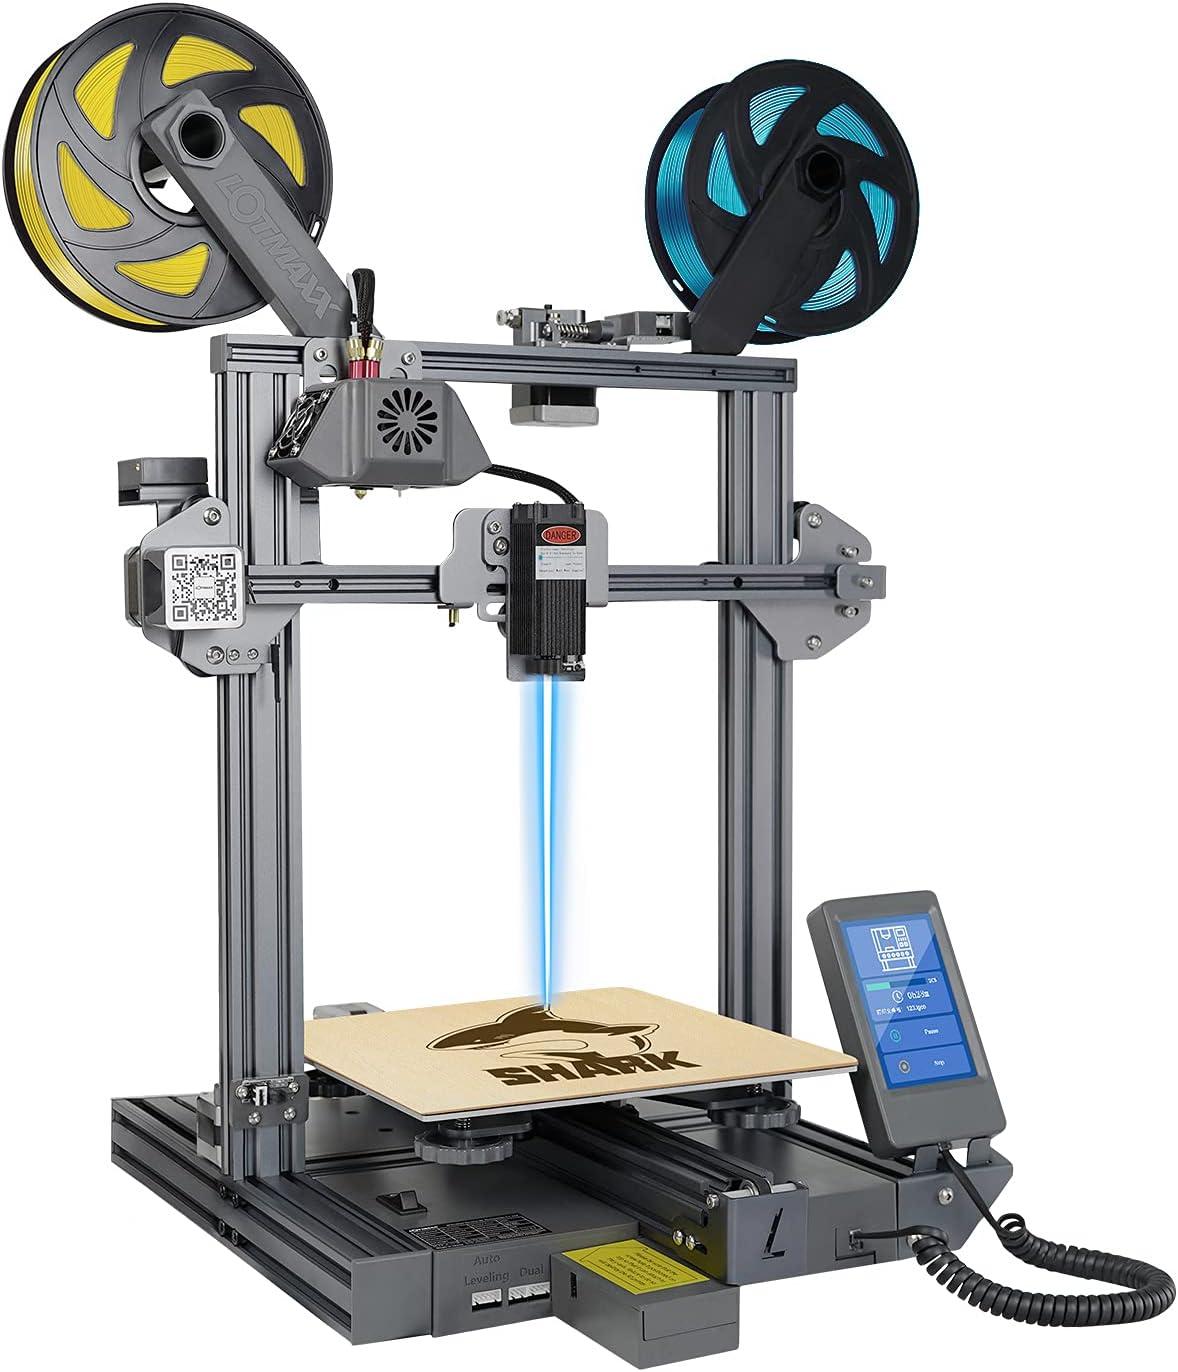 Lotmaxx Shark 3D Printer